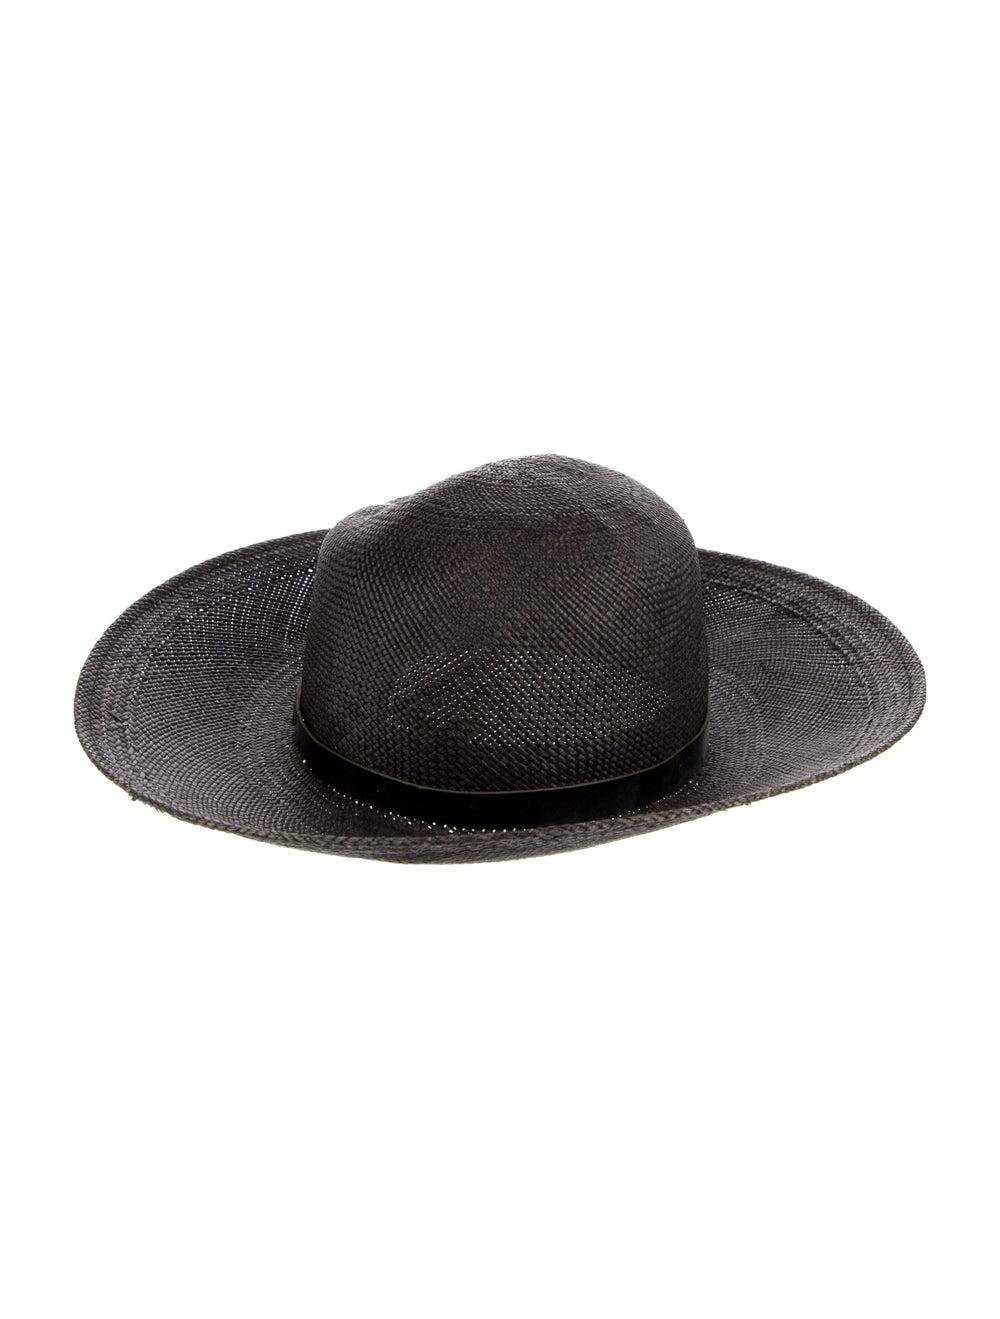 Rag & Bone Straw Wide Brim Hat Grey - image 2